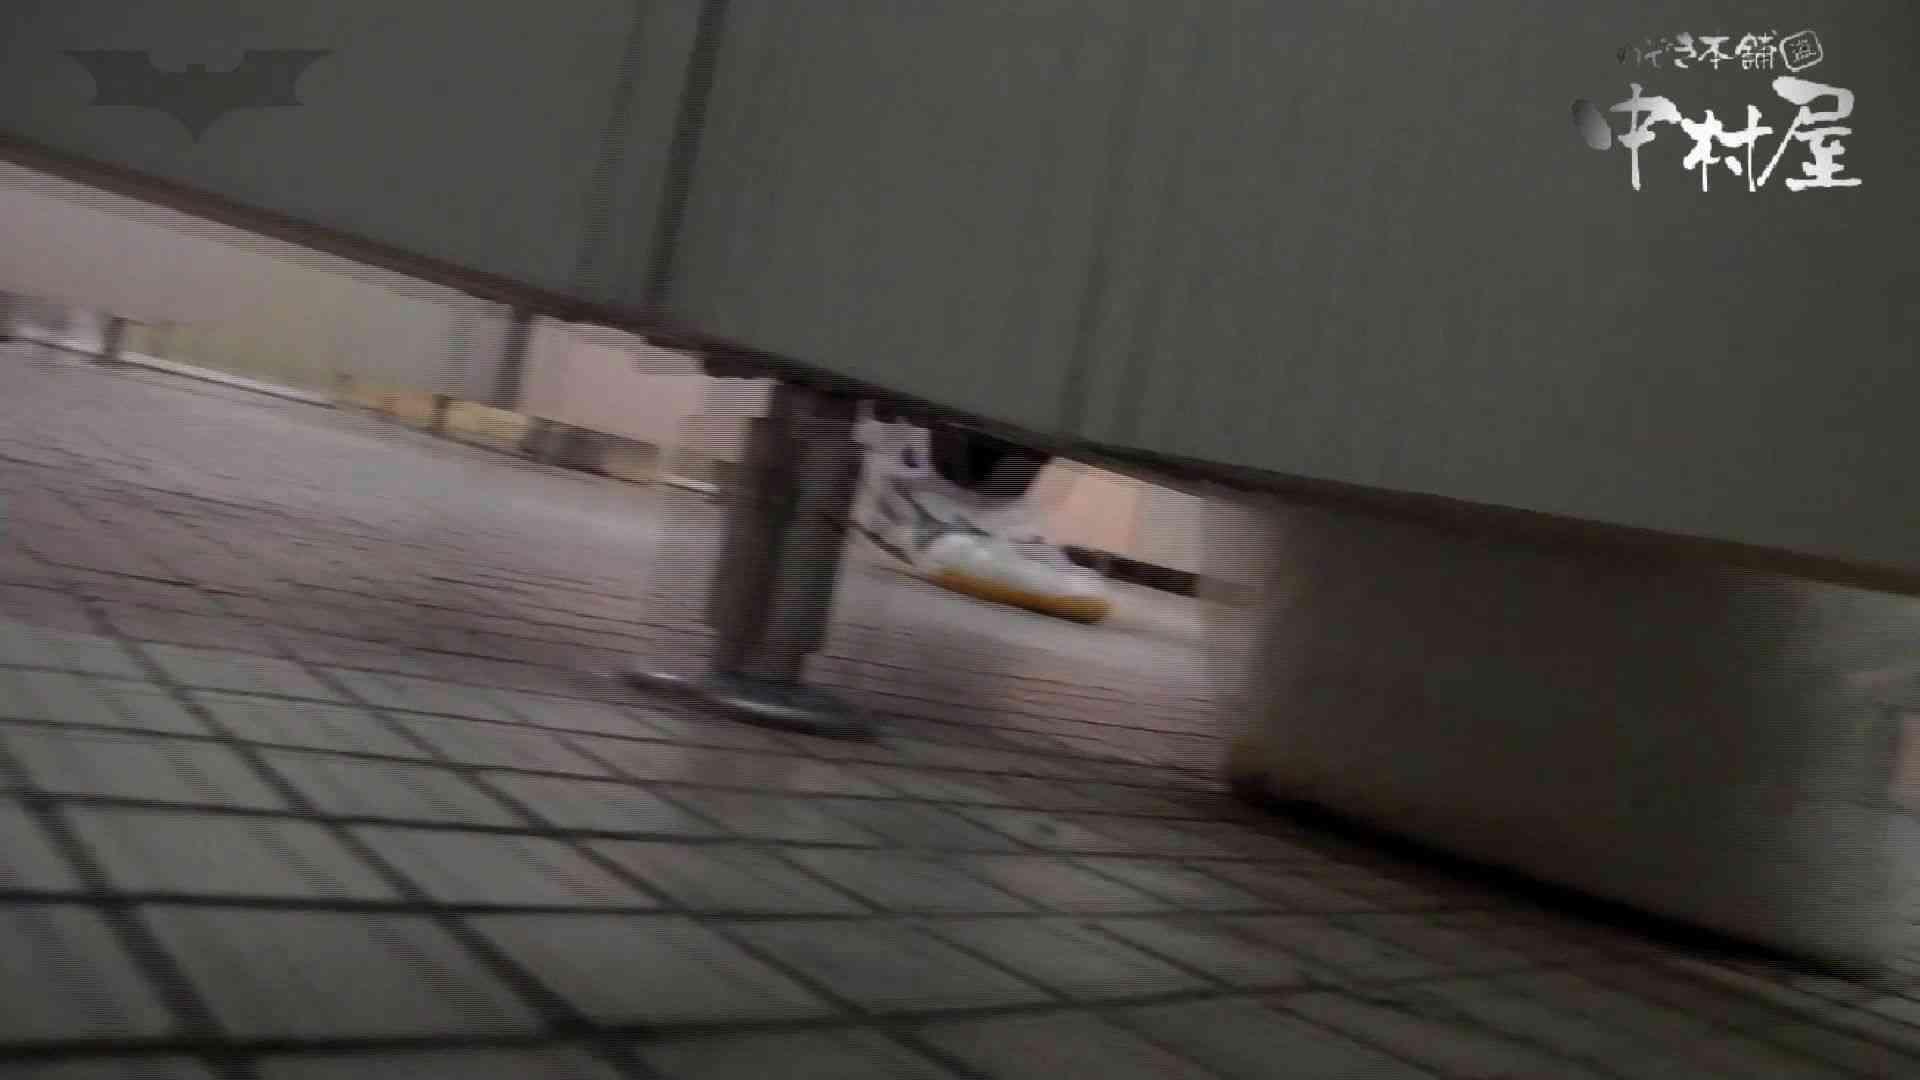 第三体育館潜入撮】第三体育館潜入撮File028 熟女特集!! 丸見えマンコ ワレメ動画紹介 59PIX 21